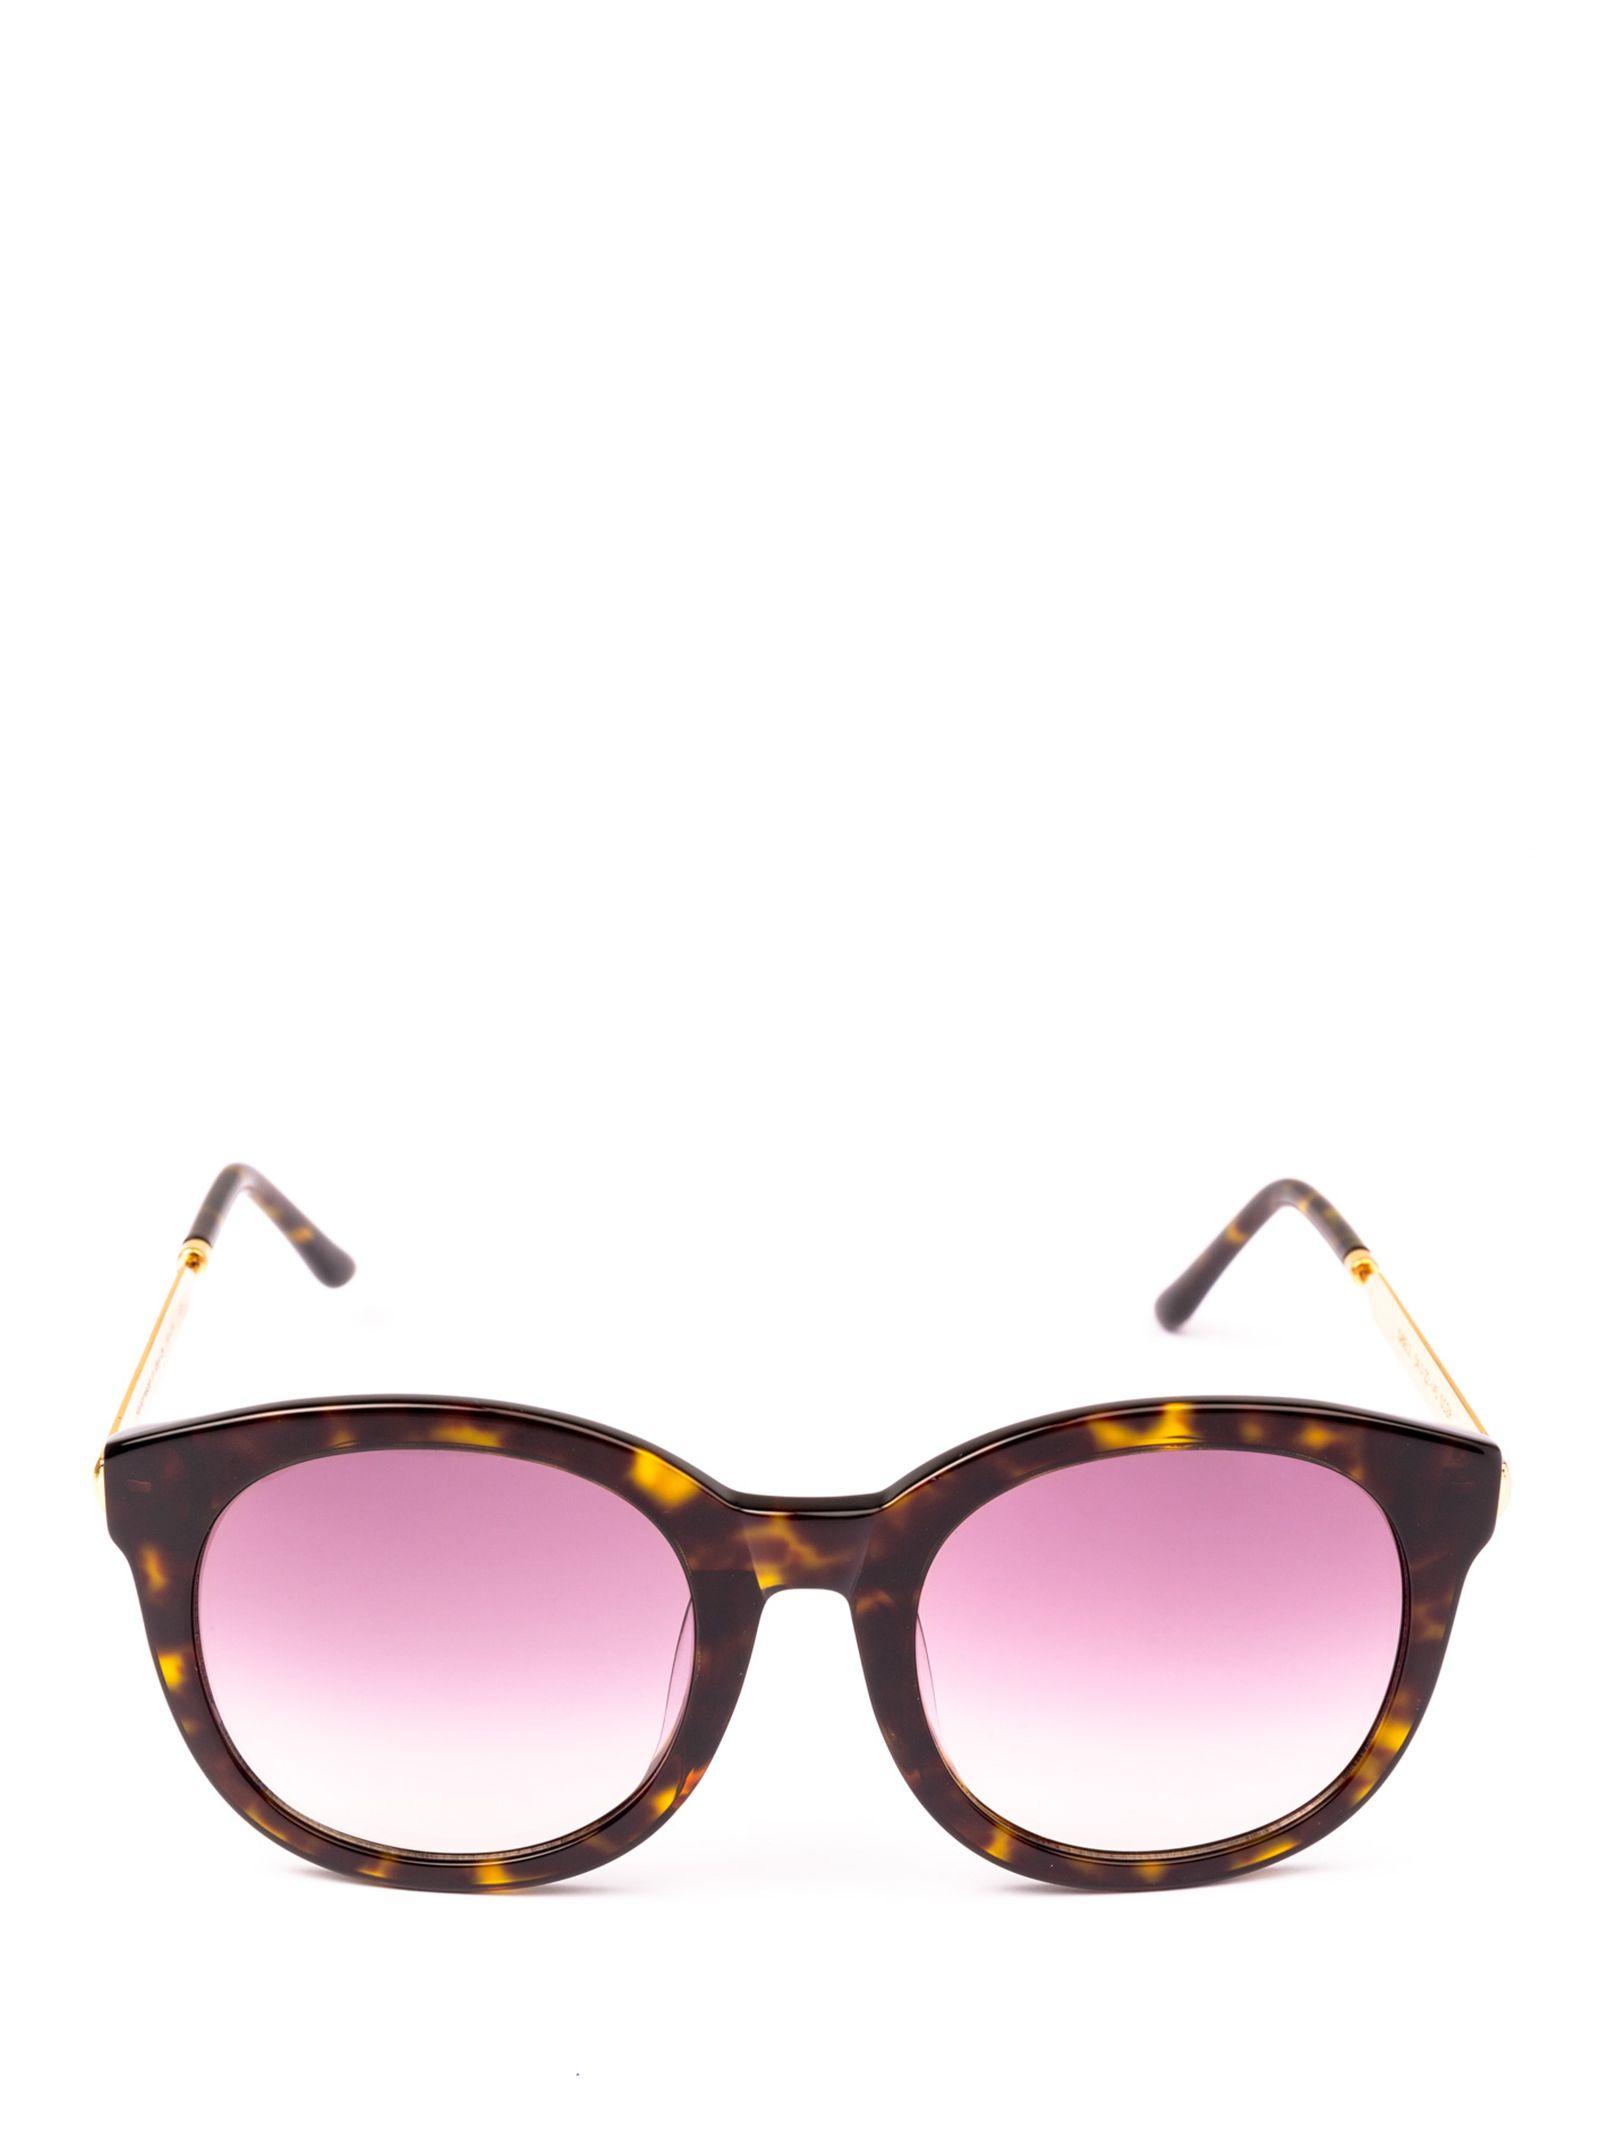 SPEKTRE Sunglasses in Iso2A